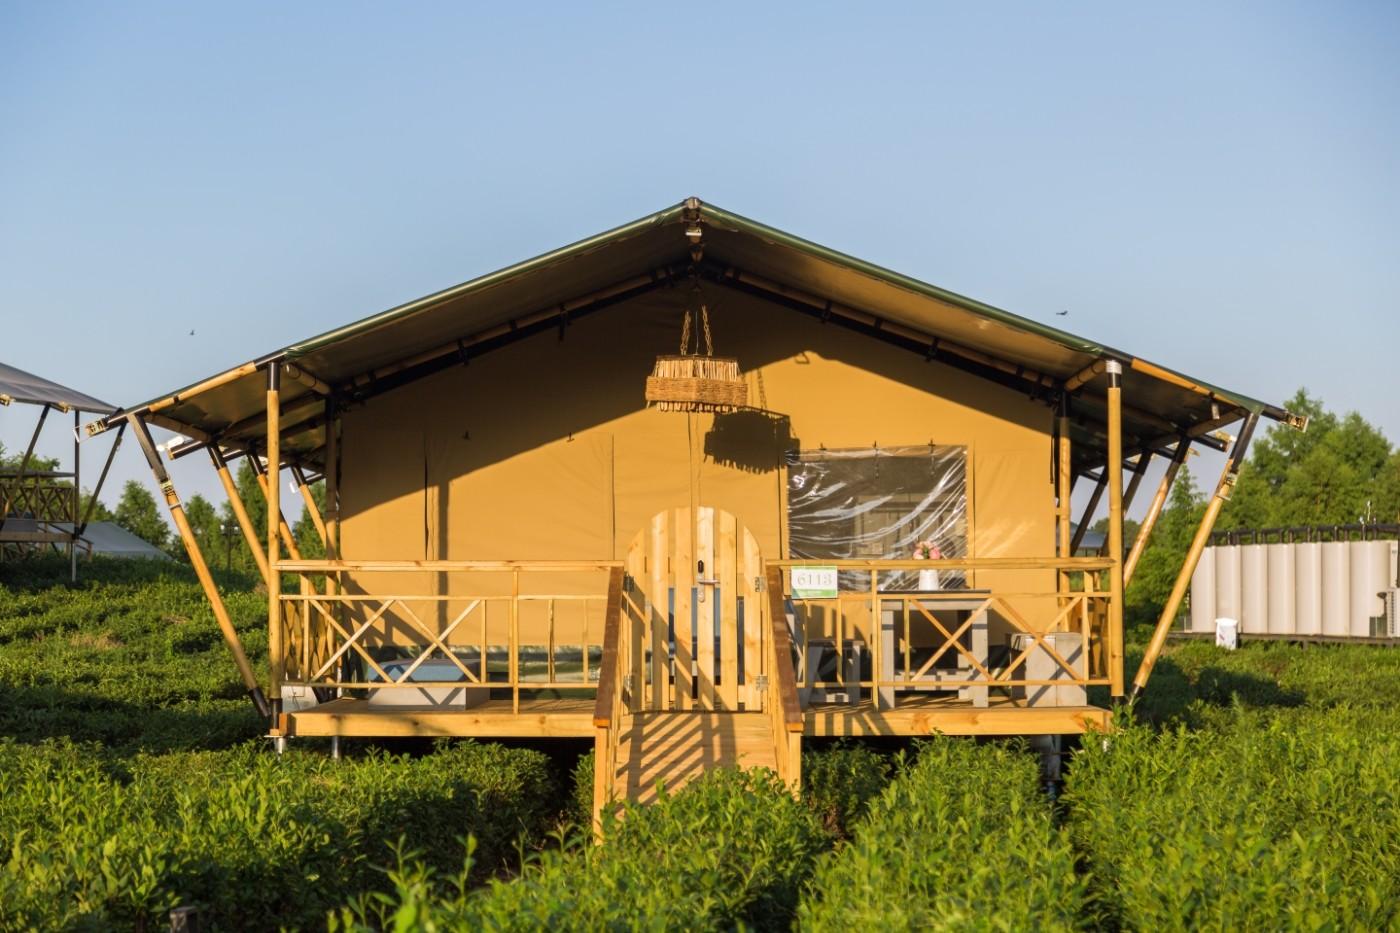 喜马拉雅野奢帐篷酒店—江苏常州茅山宝盛园茶园帐篷酒店4